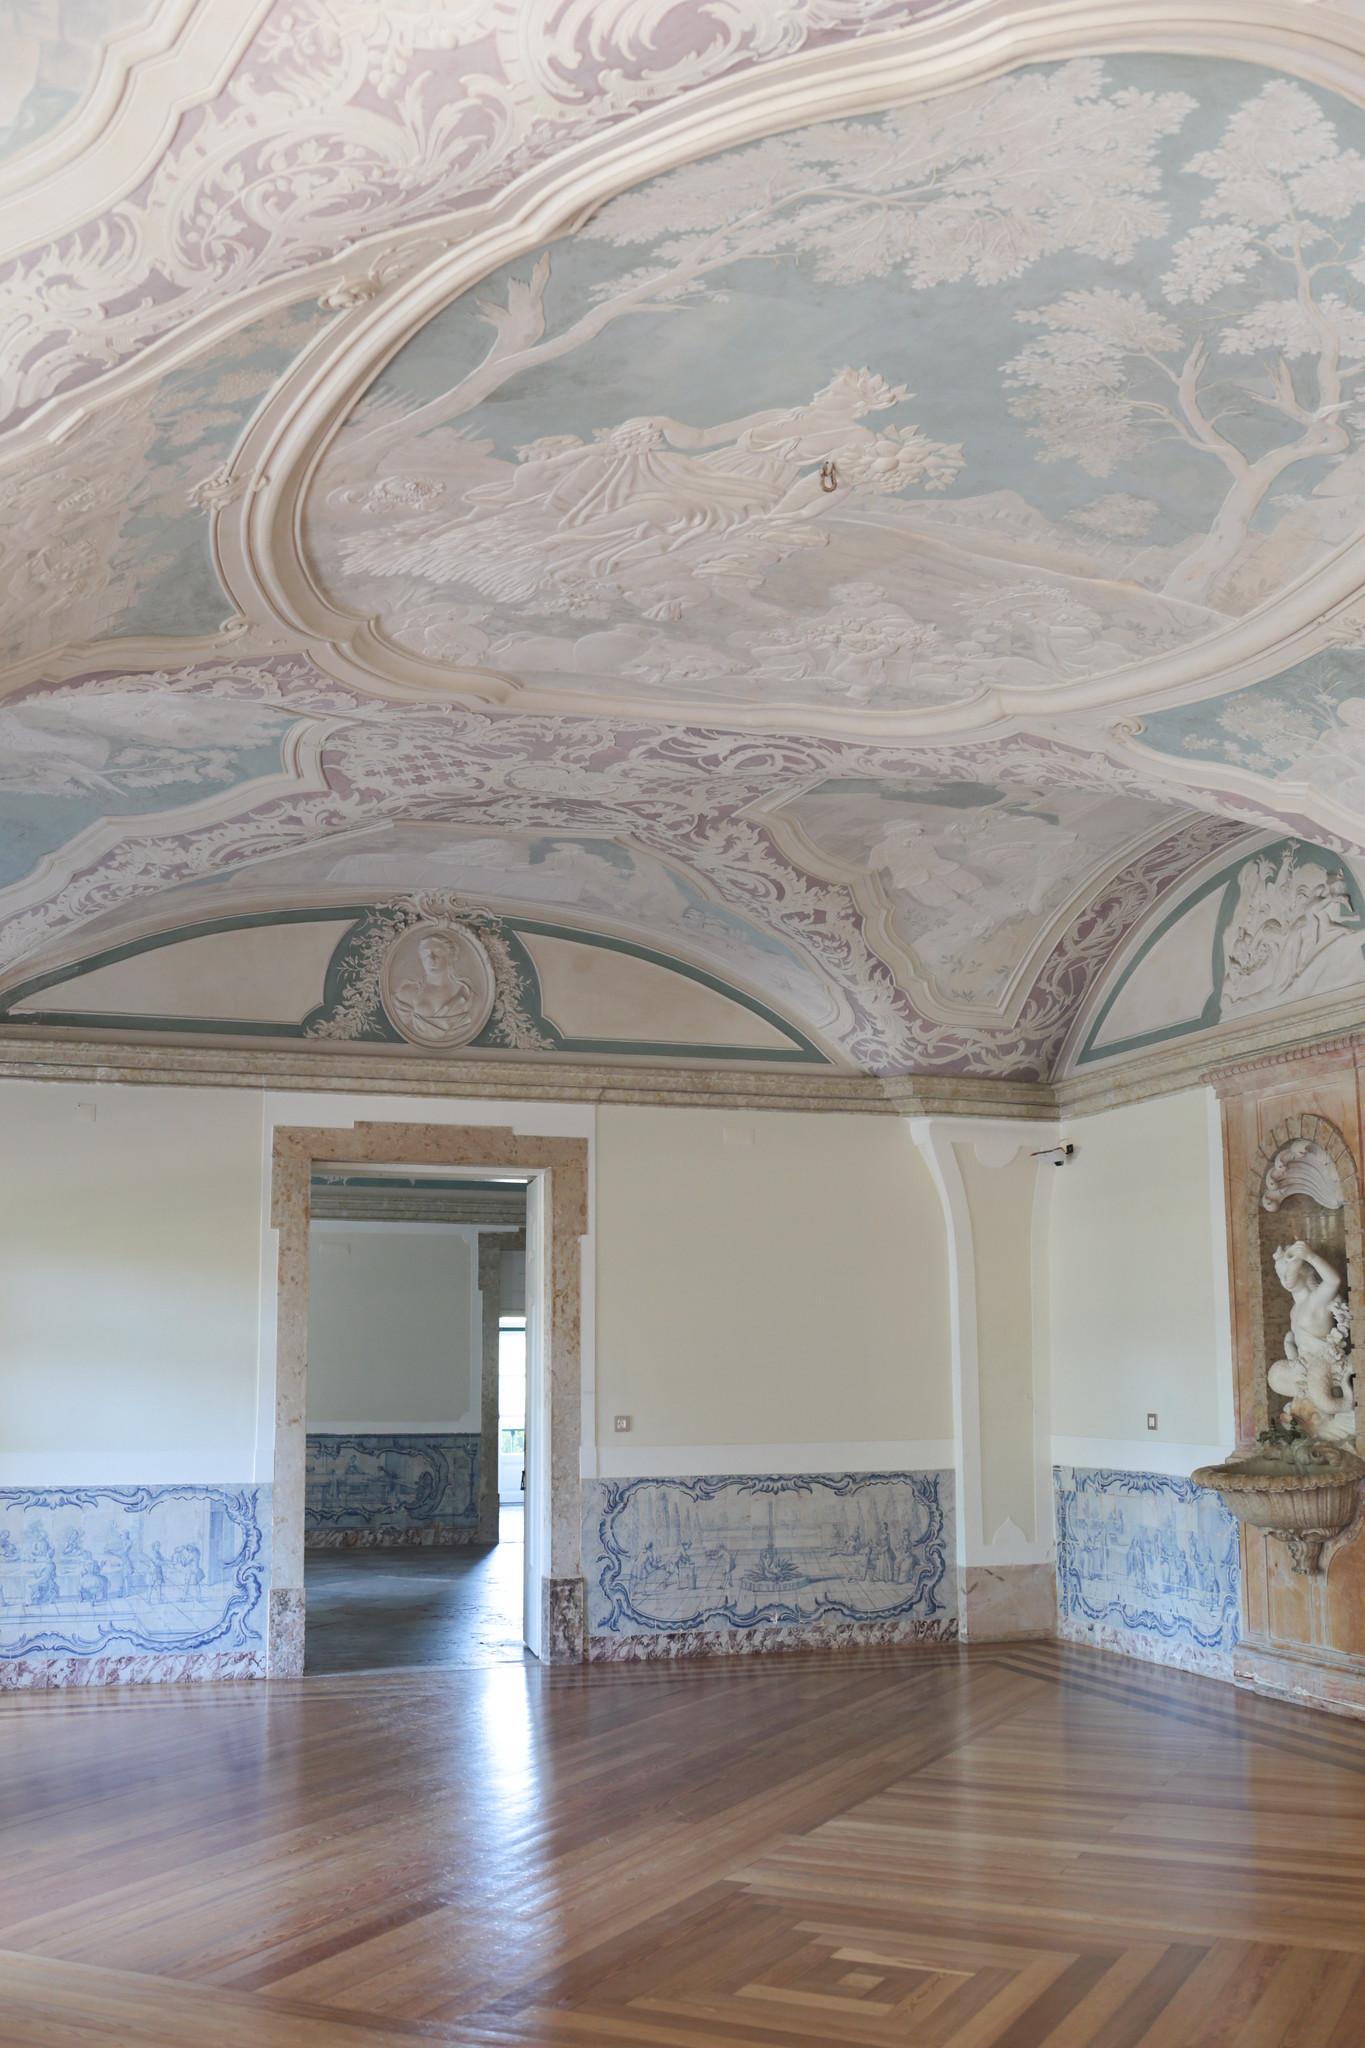 Jardim do Palácio do Marquês de Pombal